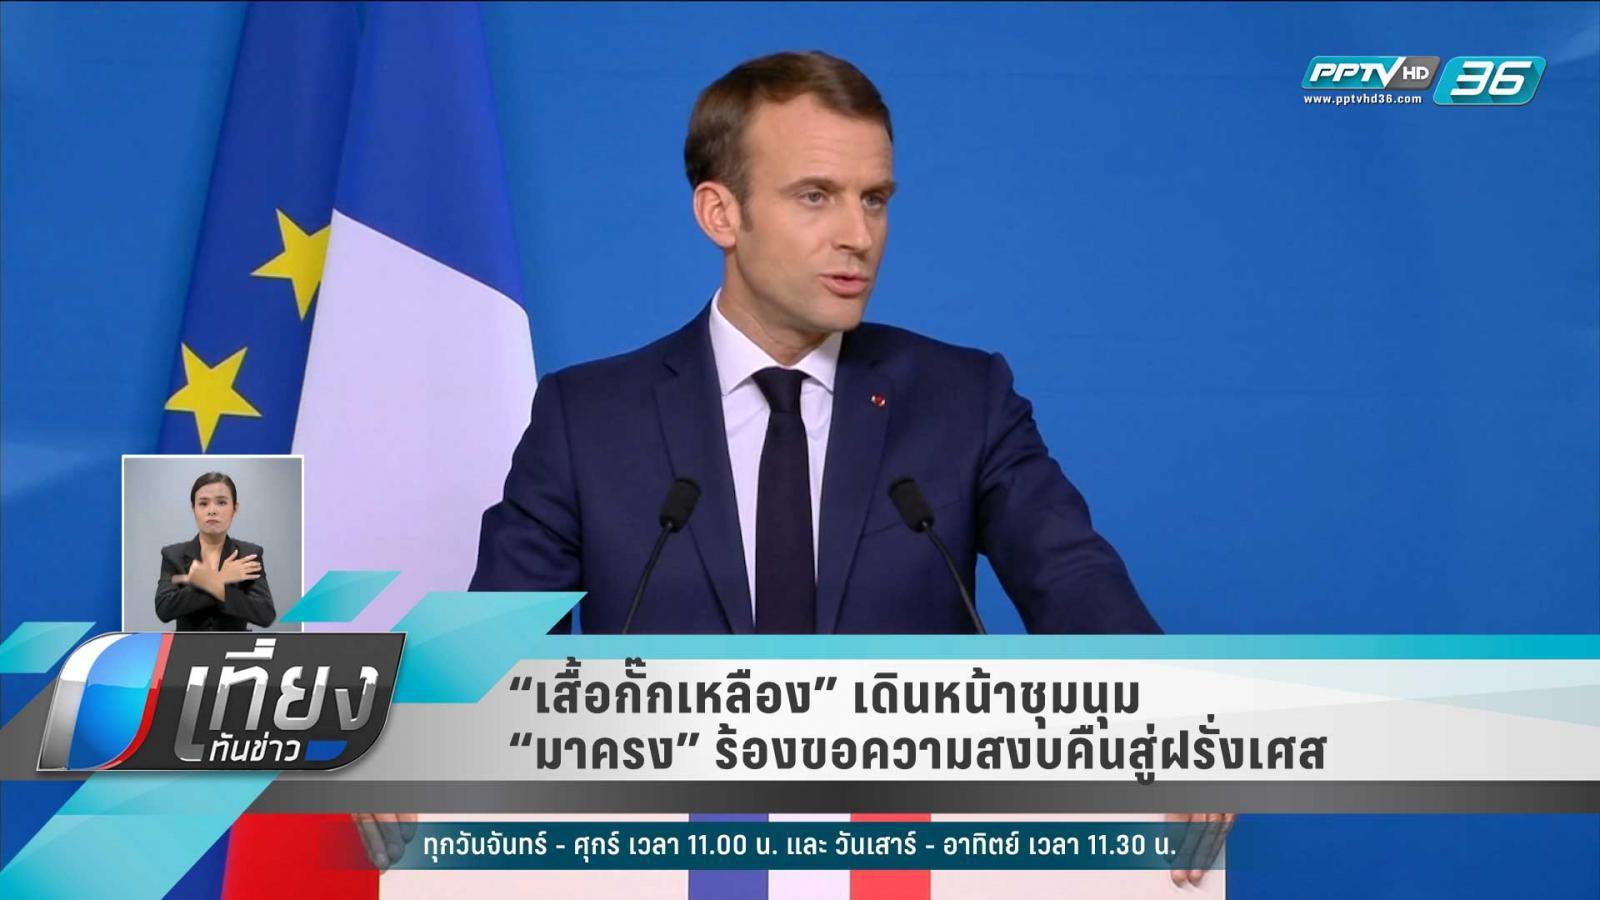 """""""เสื้อกั๊กเหลือง"""" เดินหน้าชุมนุม """"มาครง""""  ร้องขอความสงบคืนสู่ฝรั่งเศส"""